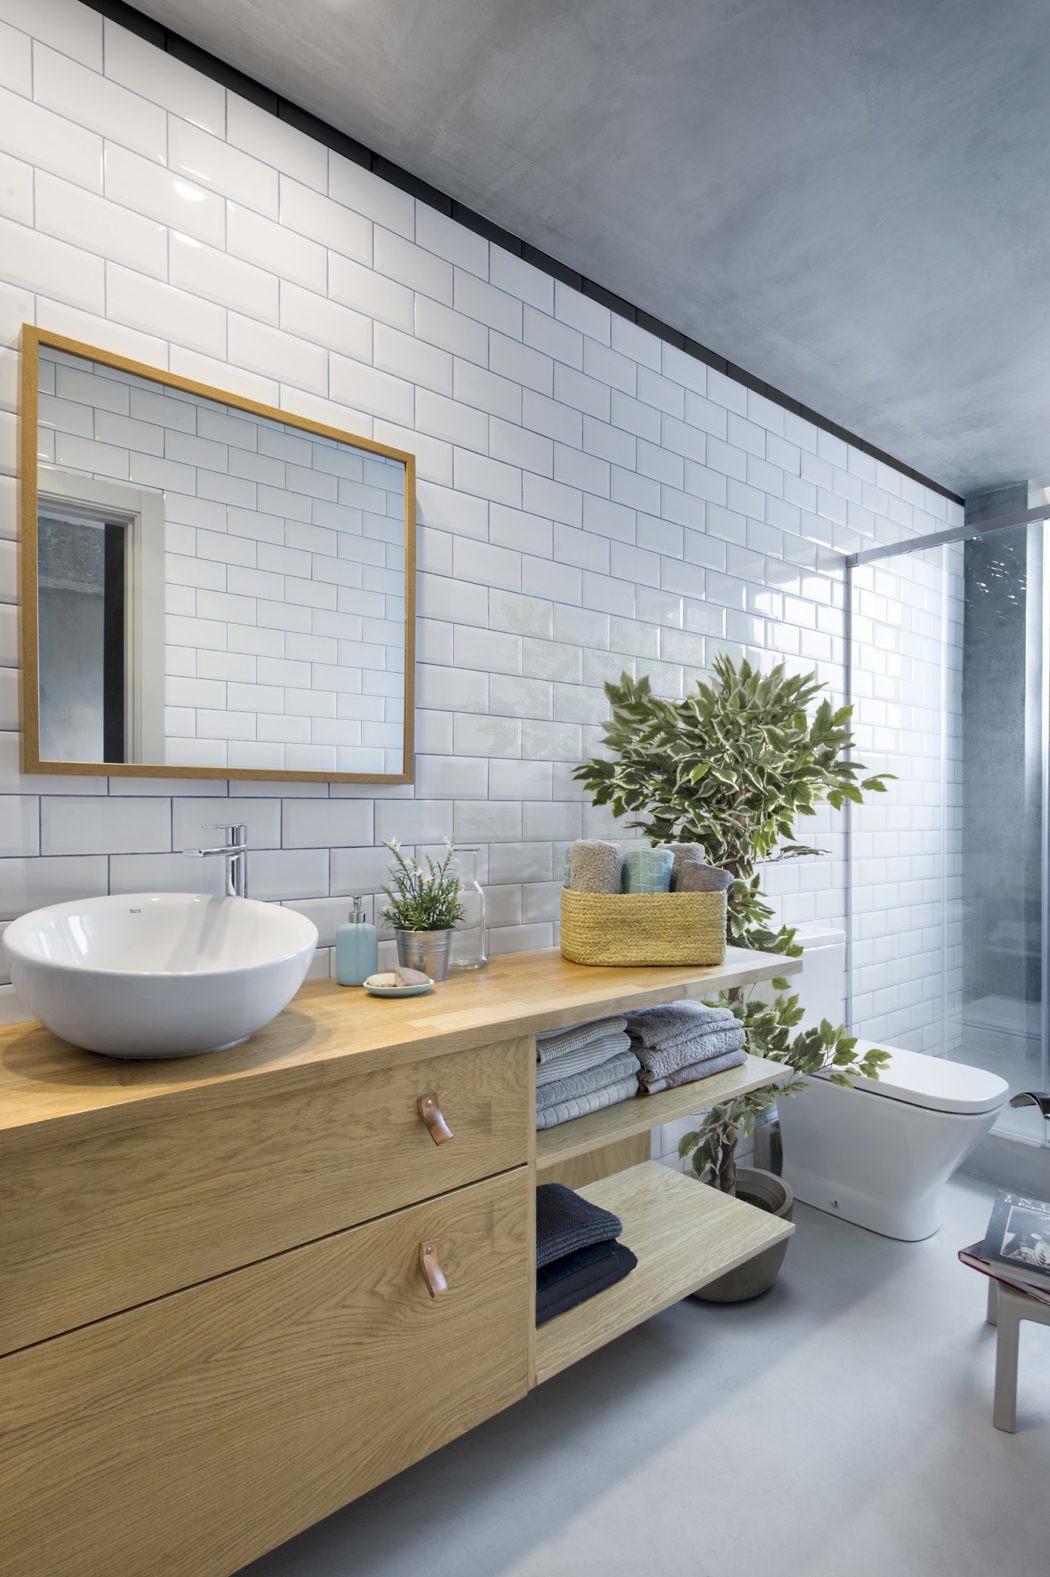 Kleine badkamer met glazen wand voor meer licht en ruimtelijkheid